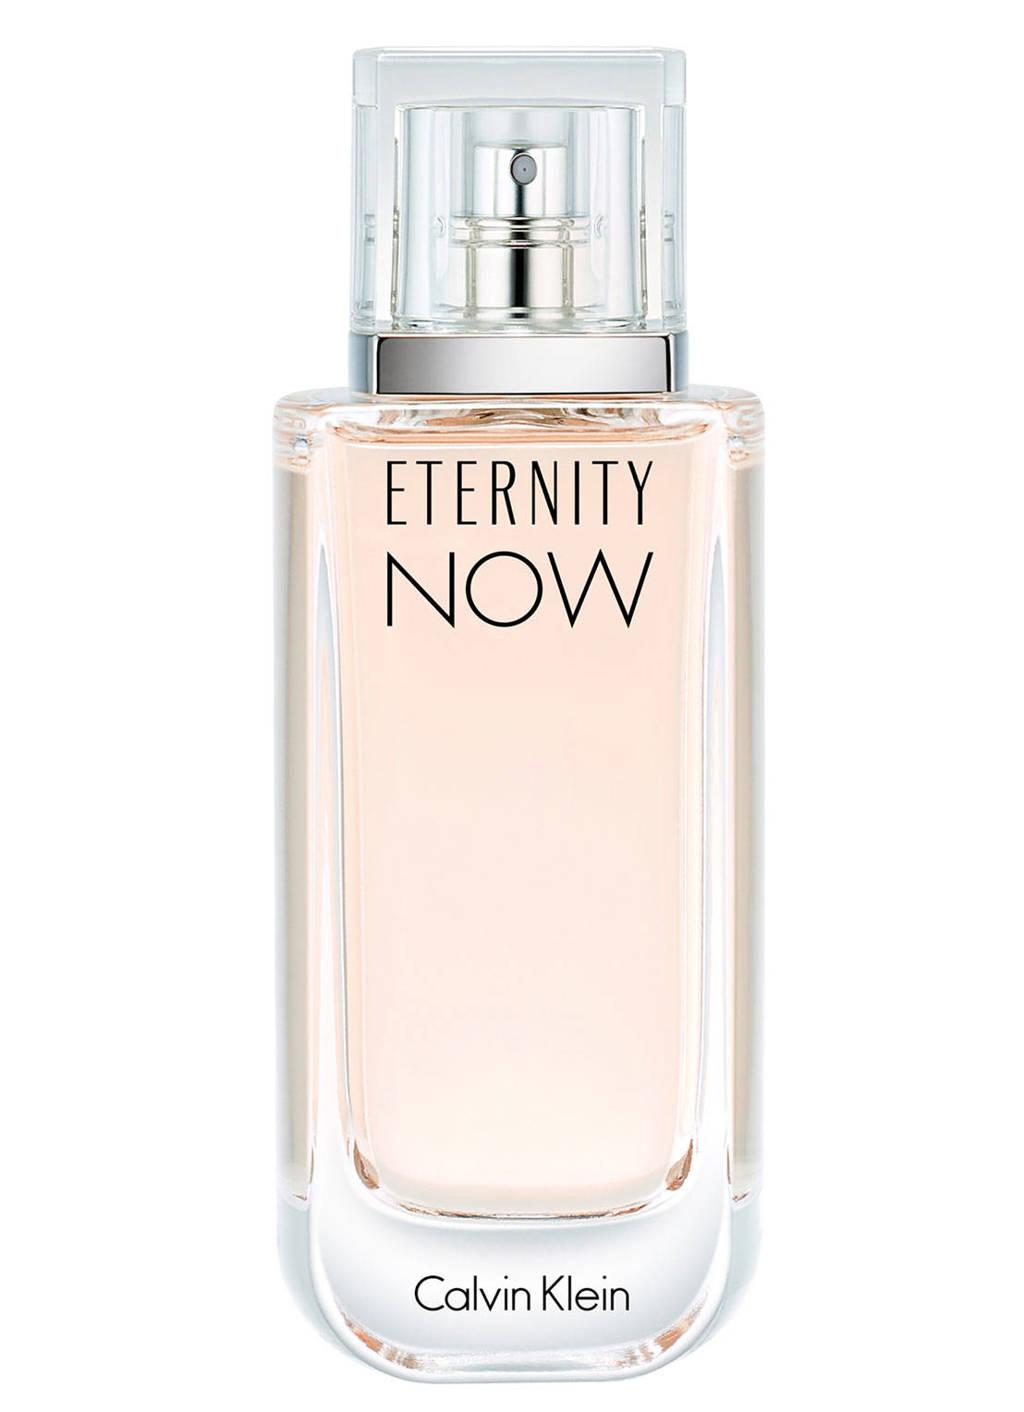 Calvin Klein Eternity Now eau de parfum - 50 ml